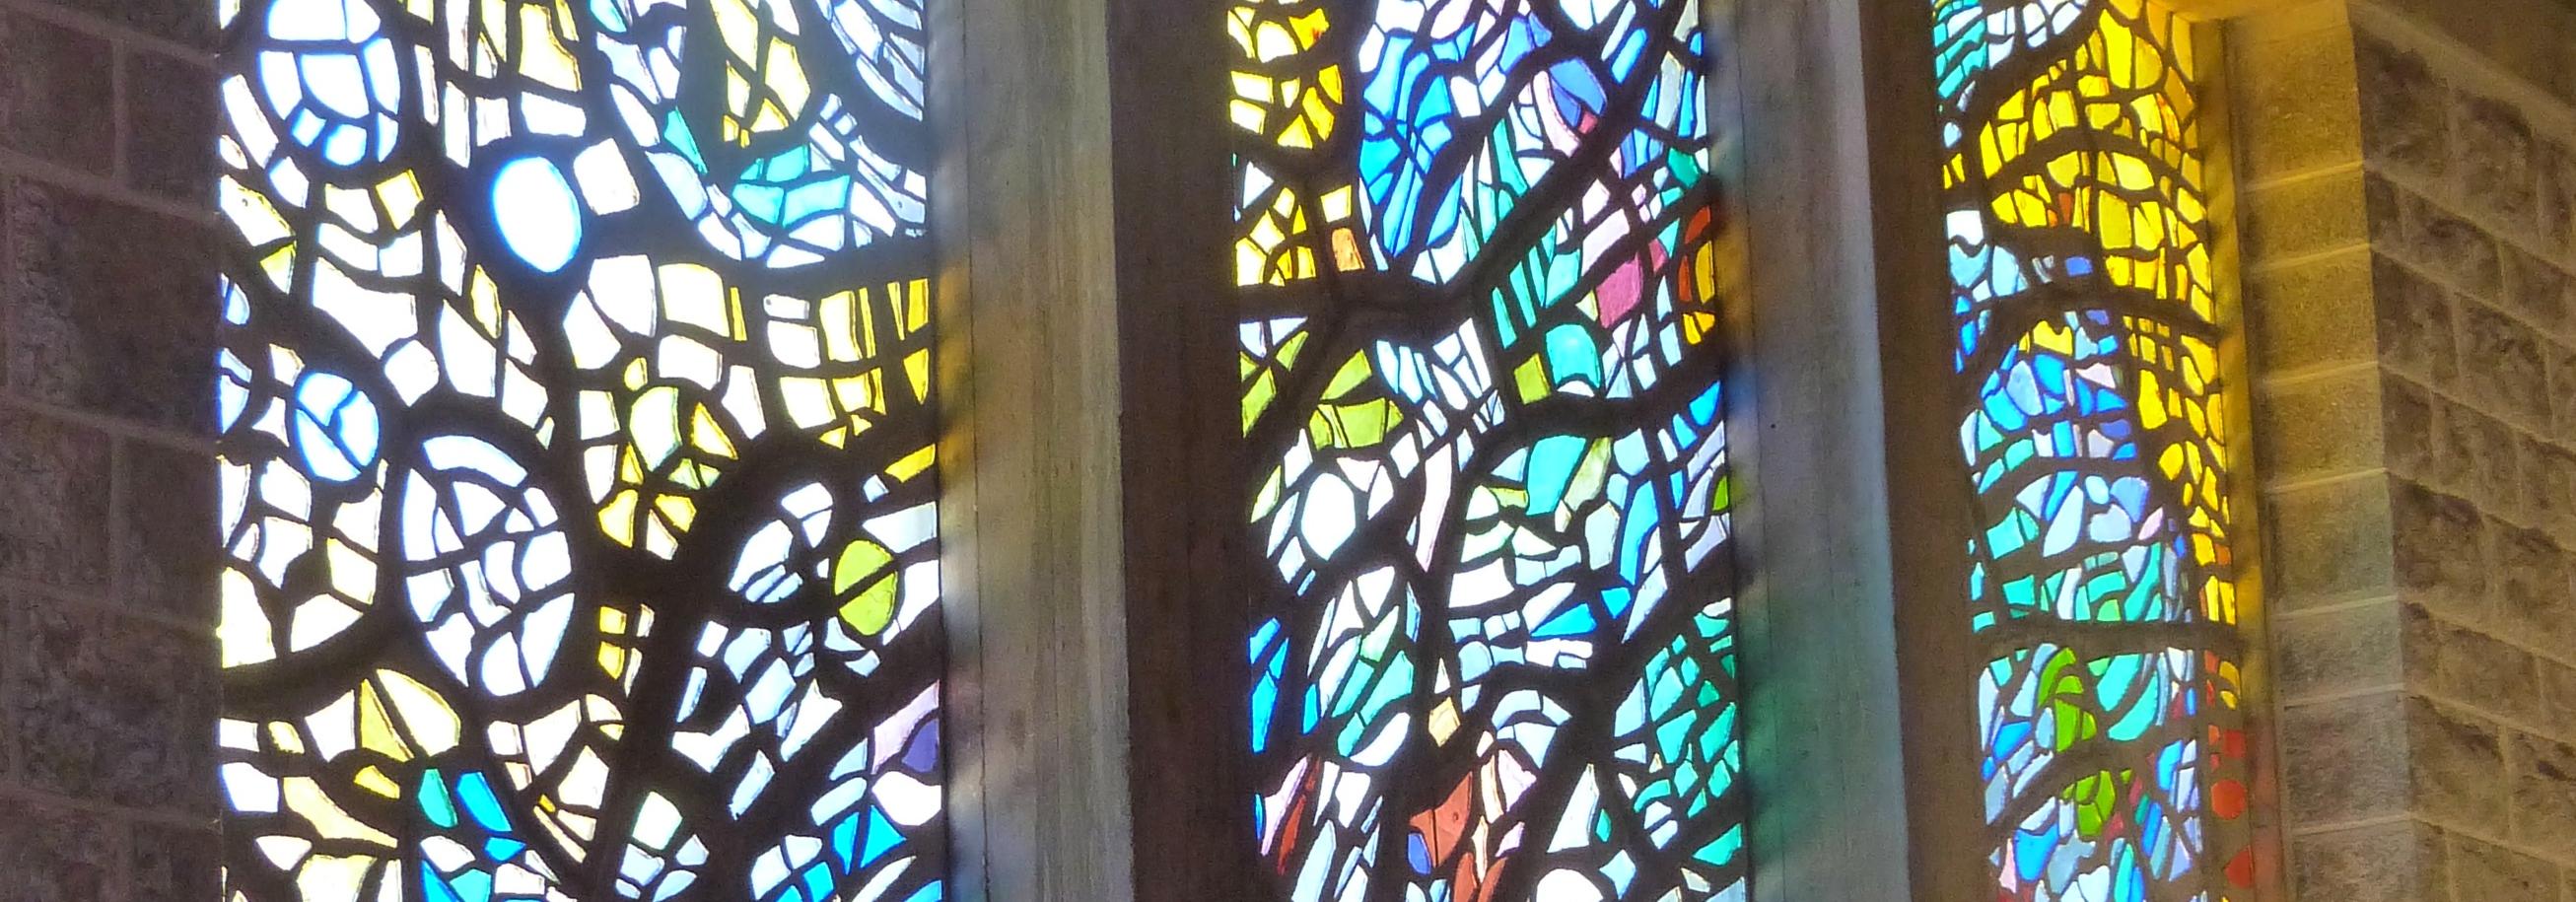 église plaimpalais.jpg